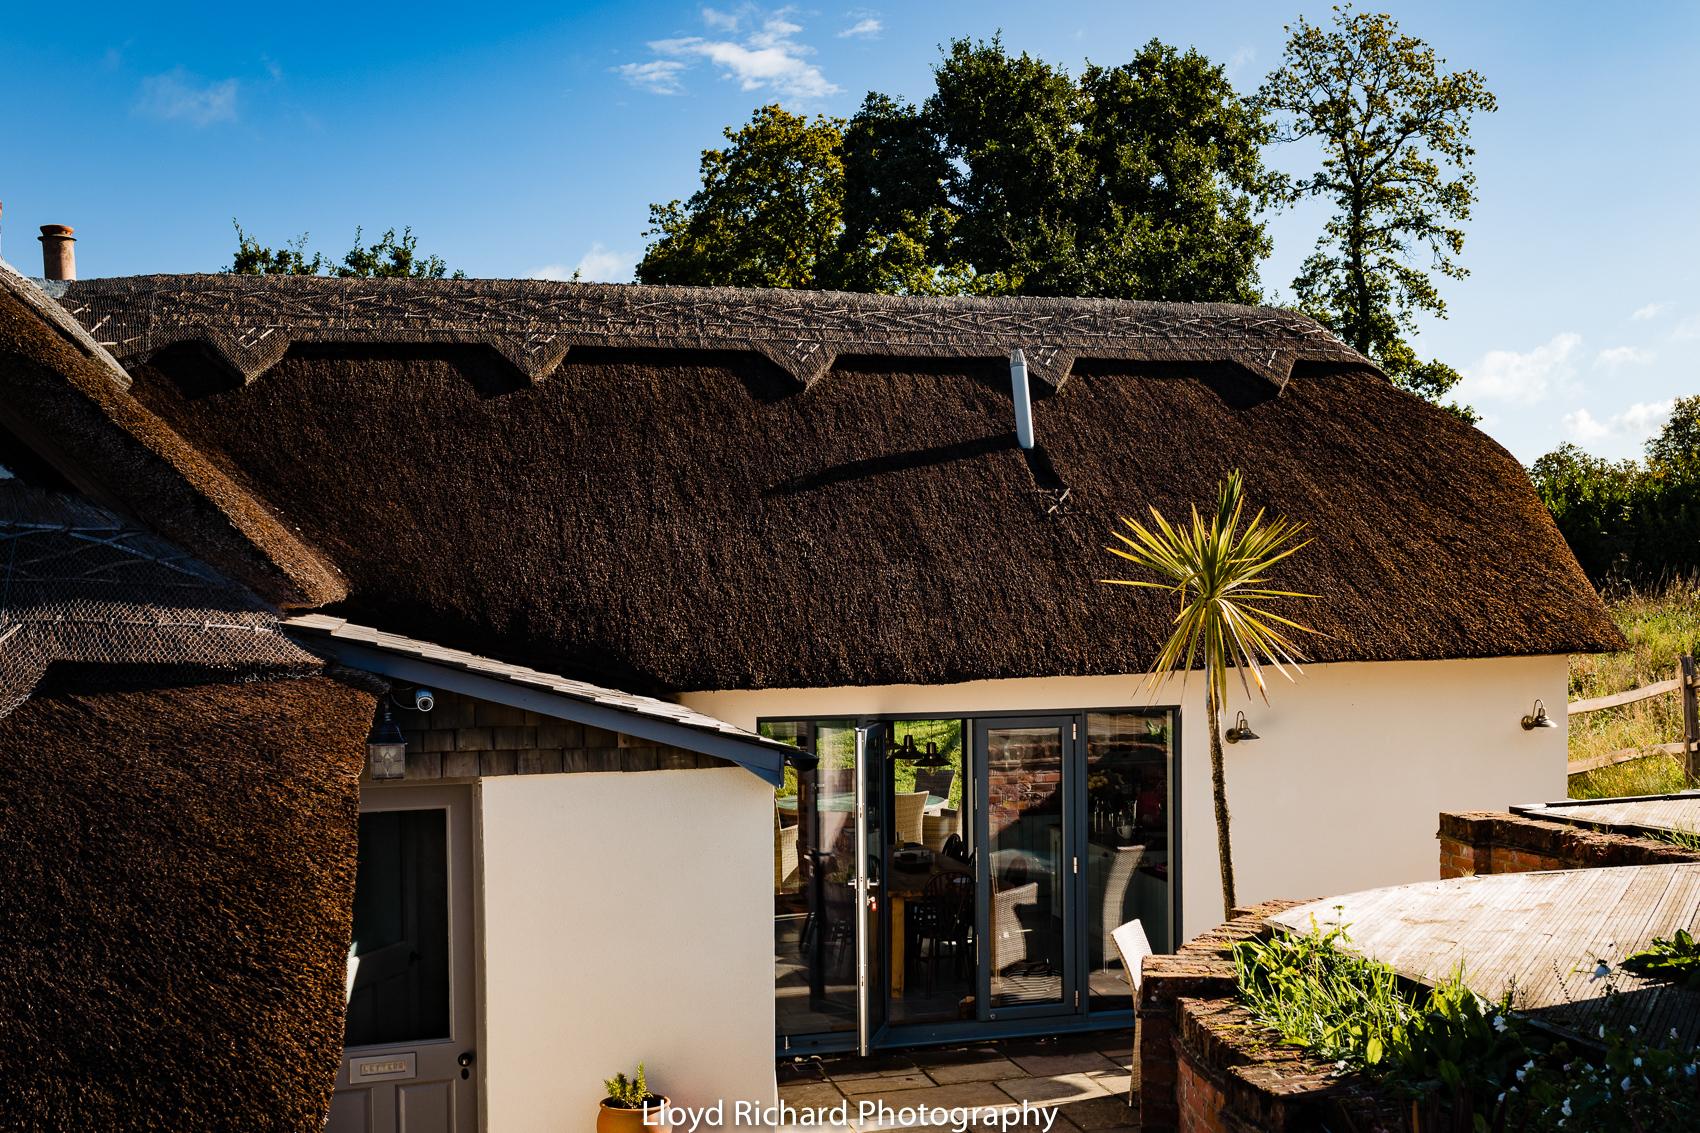 Chestnut cottage in Beaulieu